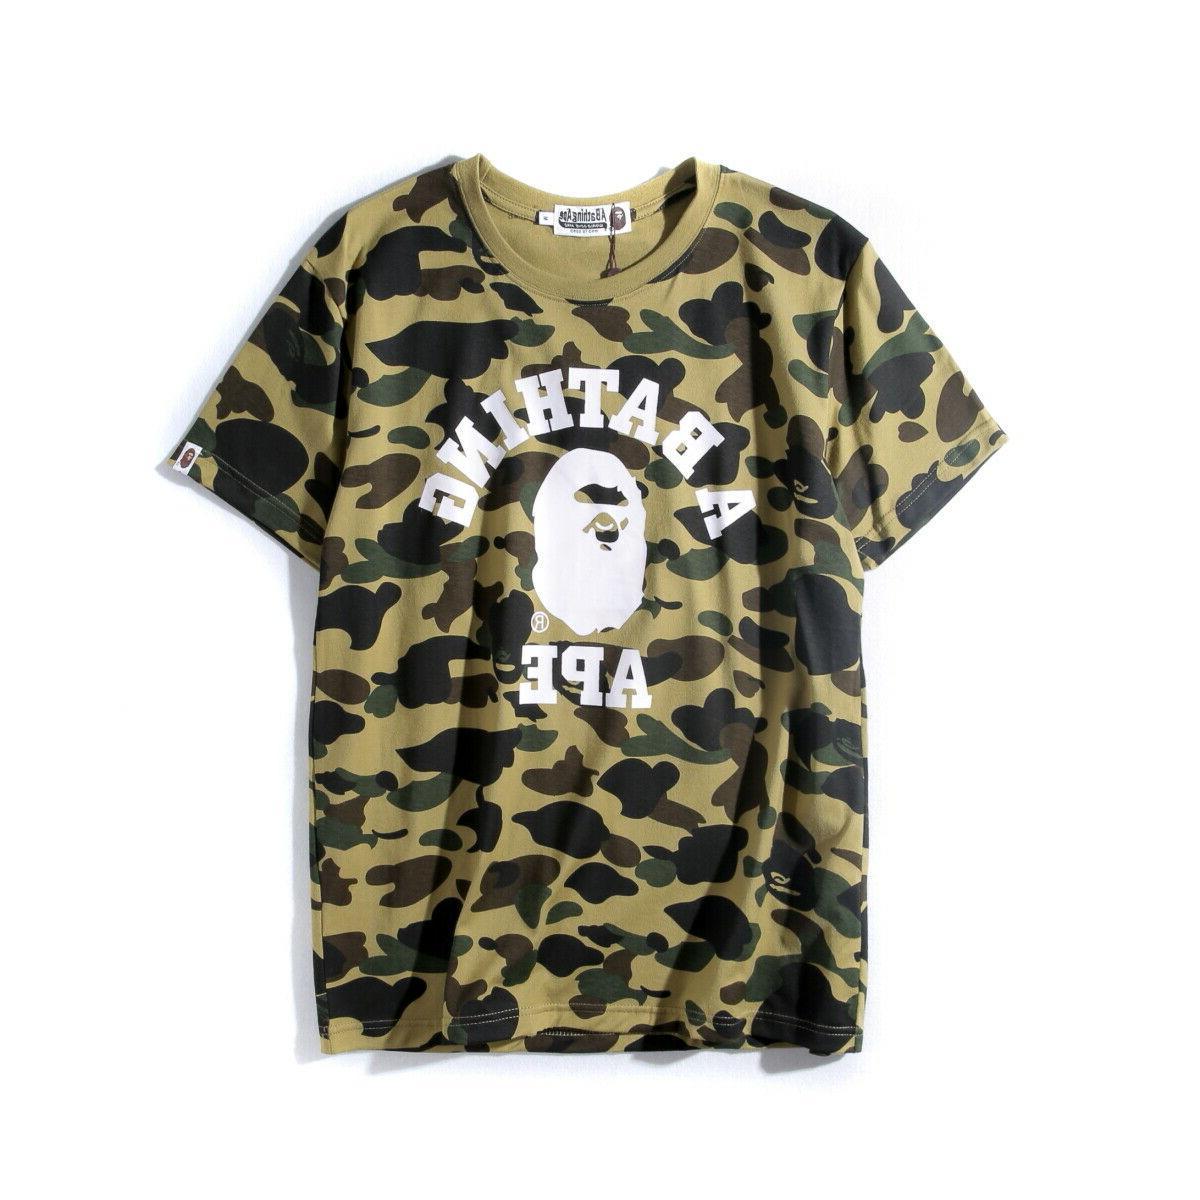 Men's A Bathing Ape T-shirt Camo tee size